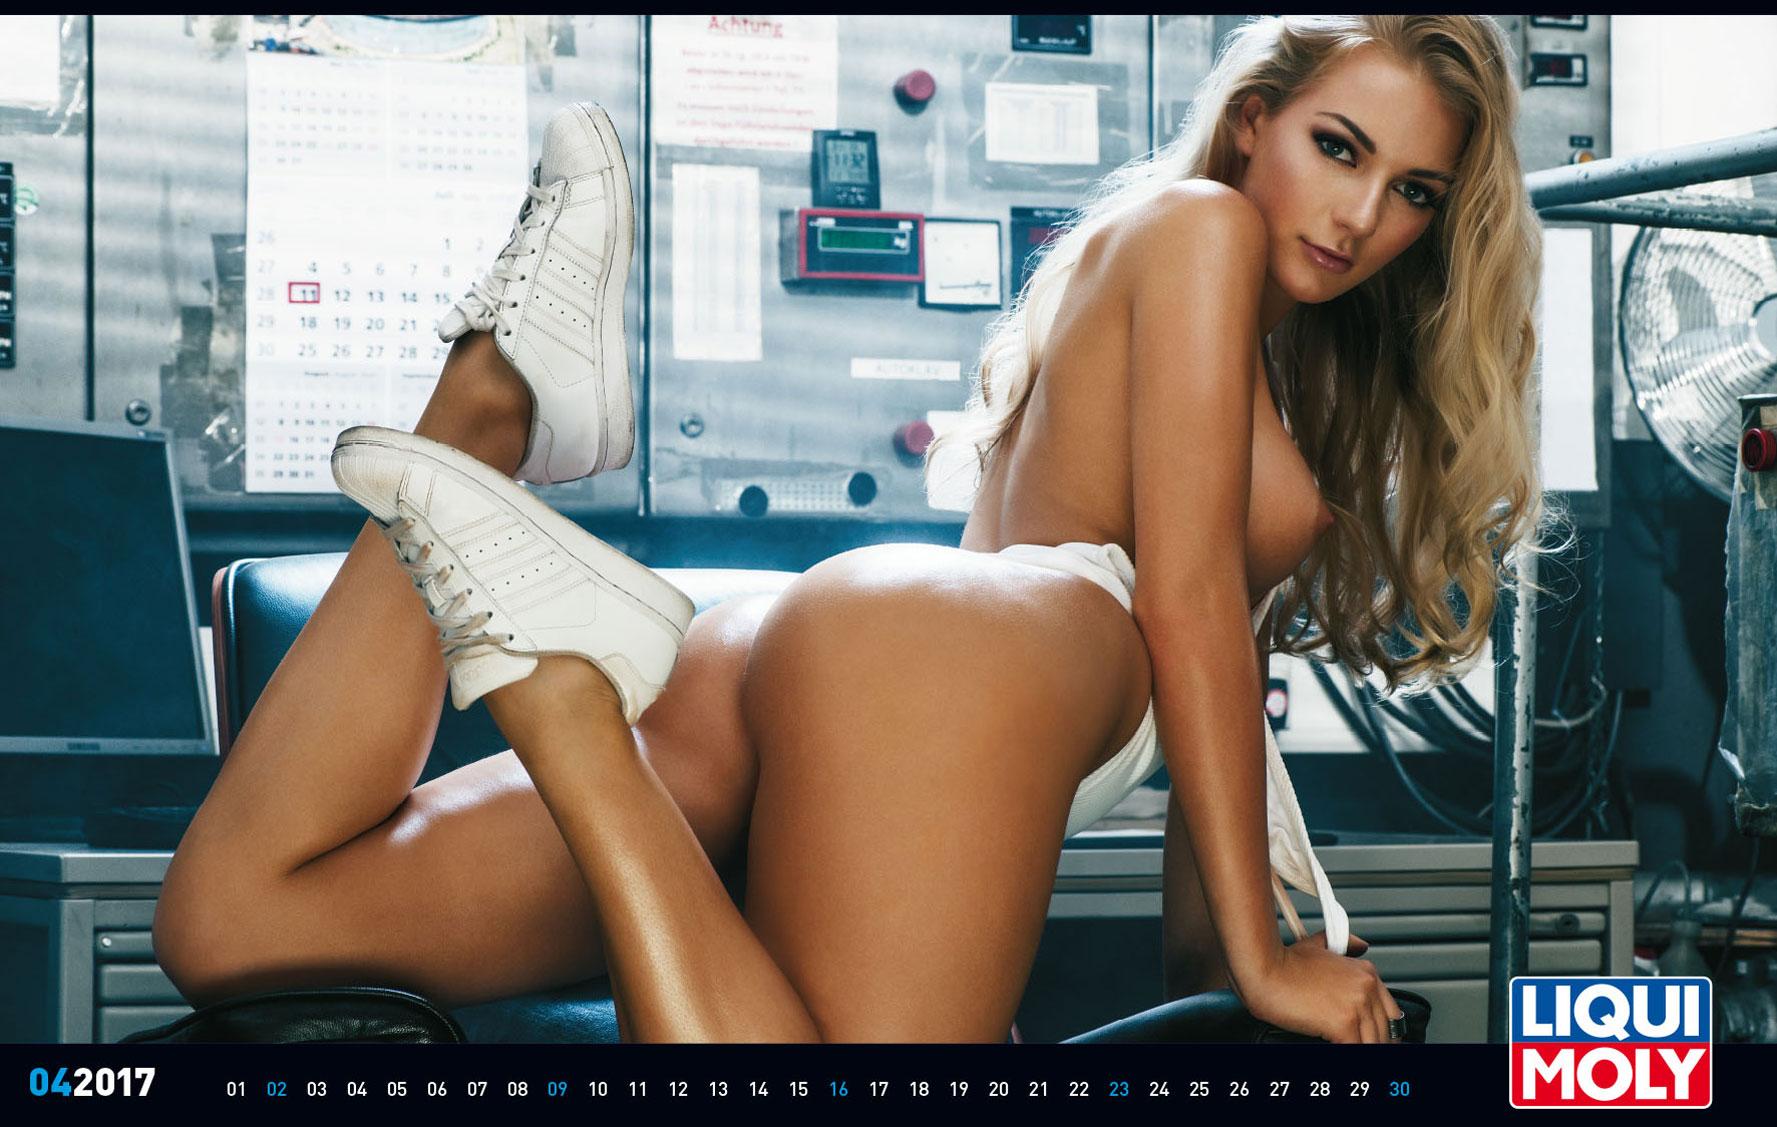 Эротический календарь Liqui Moly на 2017 год